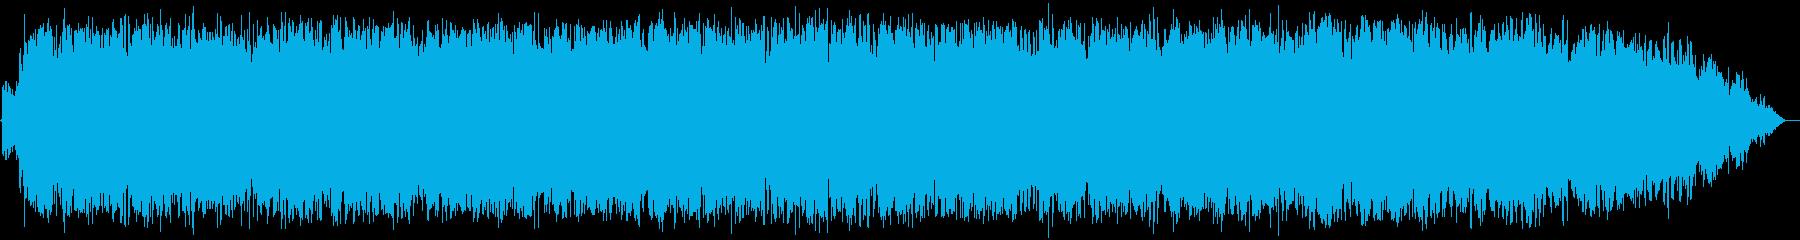 透き通る高音の竹笛のヒーリング音楽の再生済みの波形